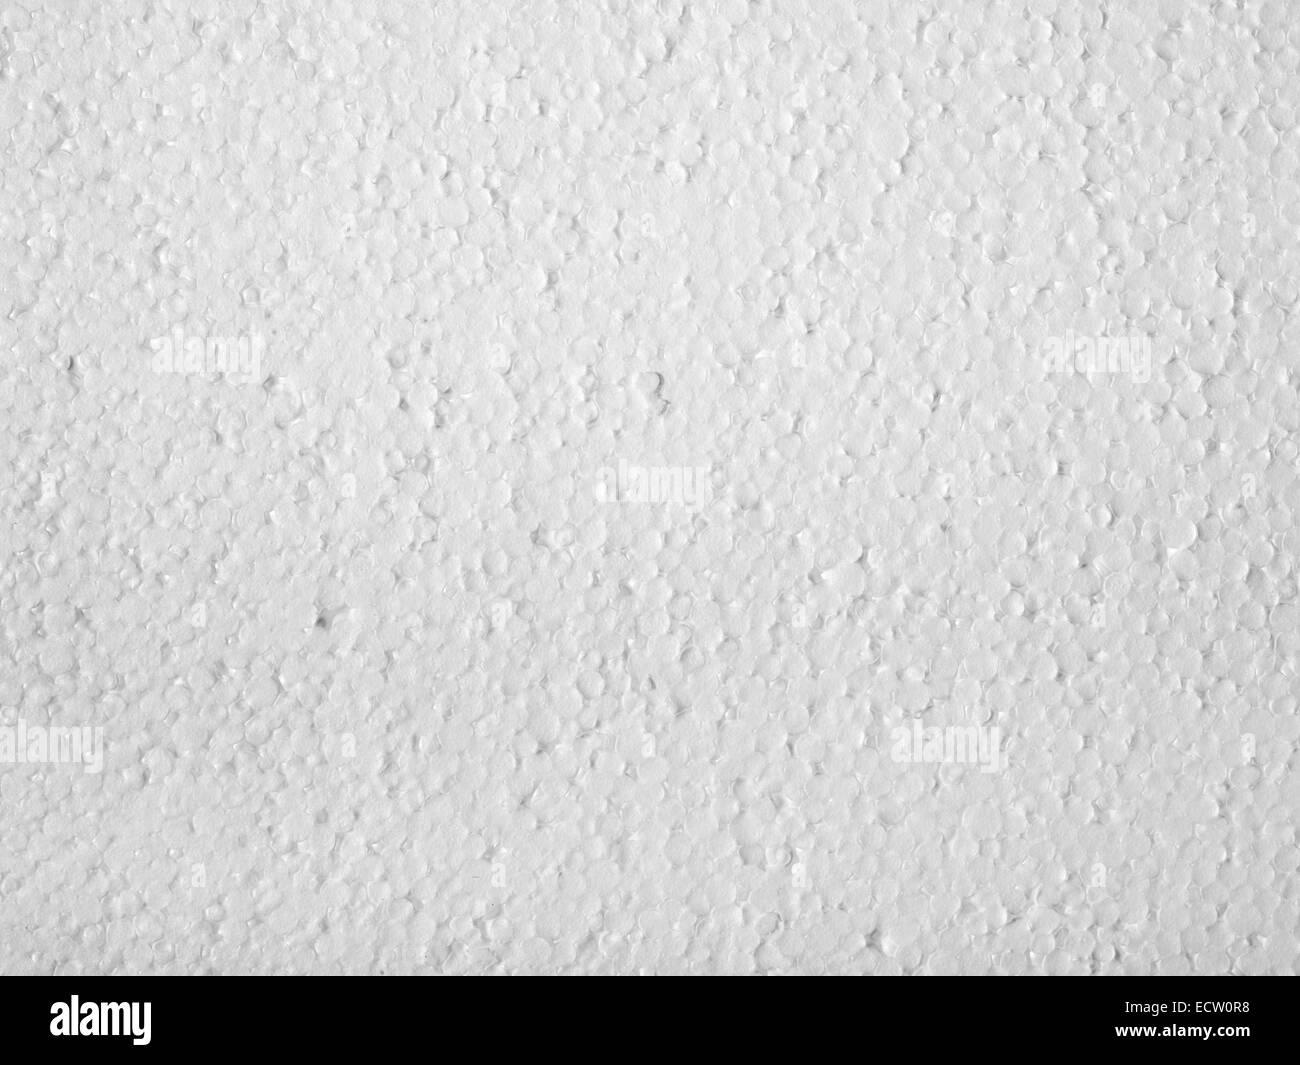 Full-Frame-Nahaufnahme von einer weißen Styropor-Oberfläche Stockbild